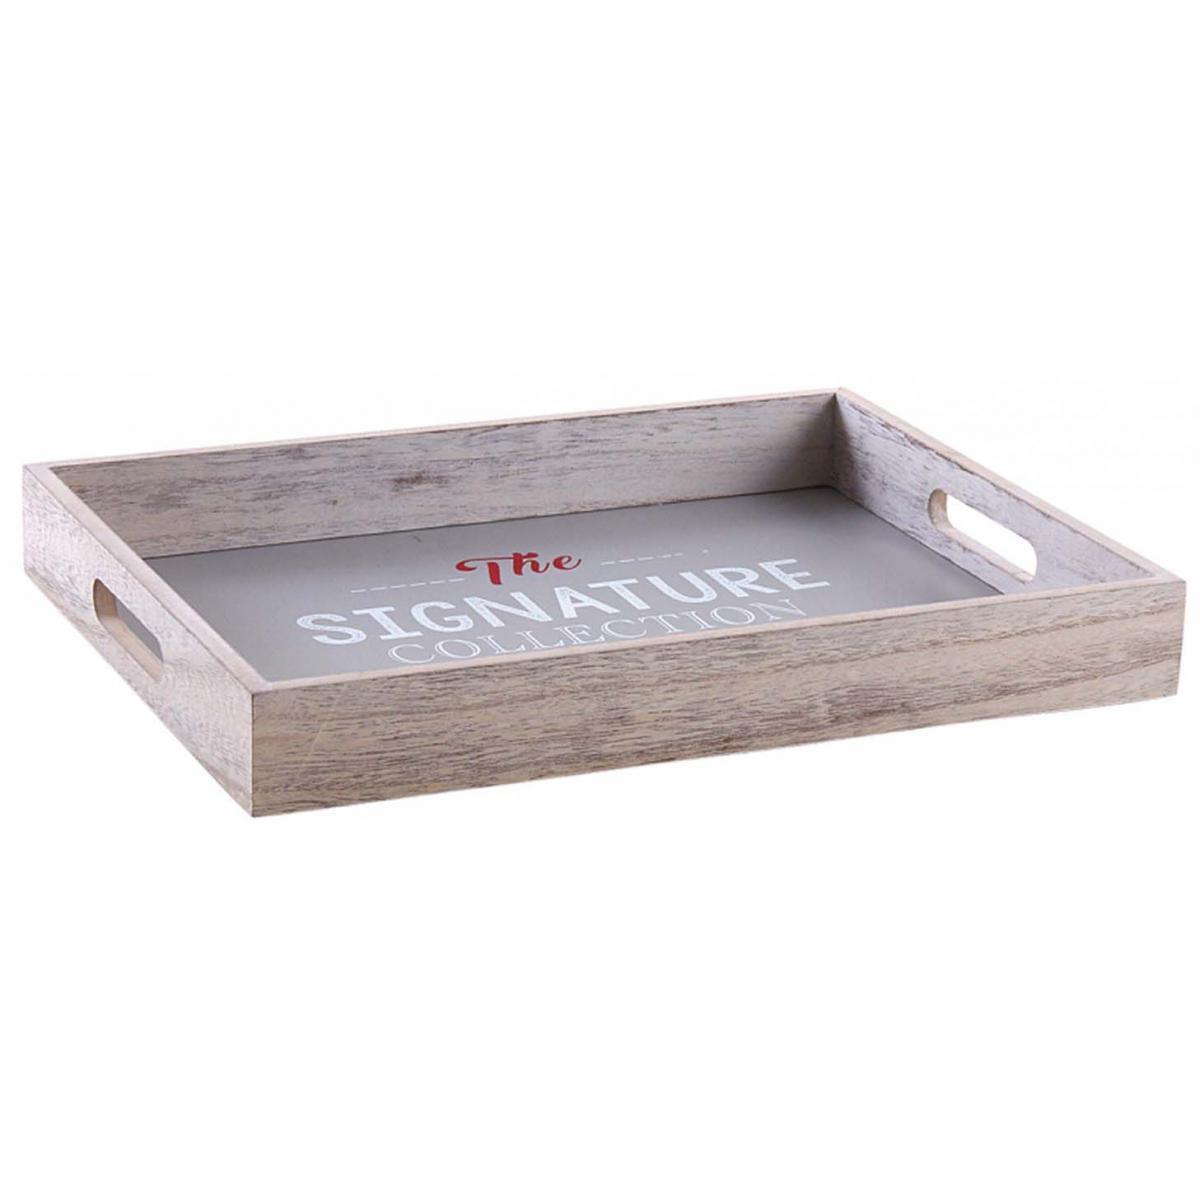 Aubry Gaspard Plateau en bois gris The signature collection